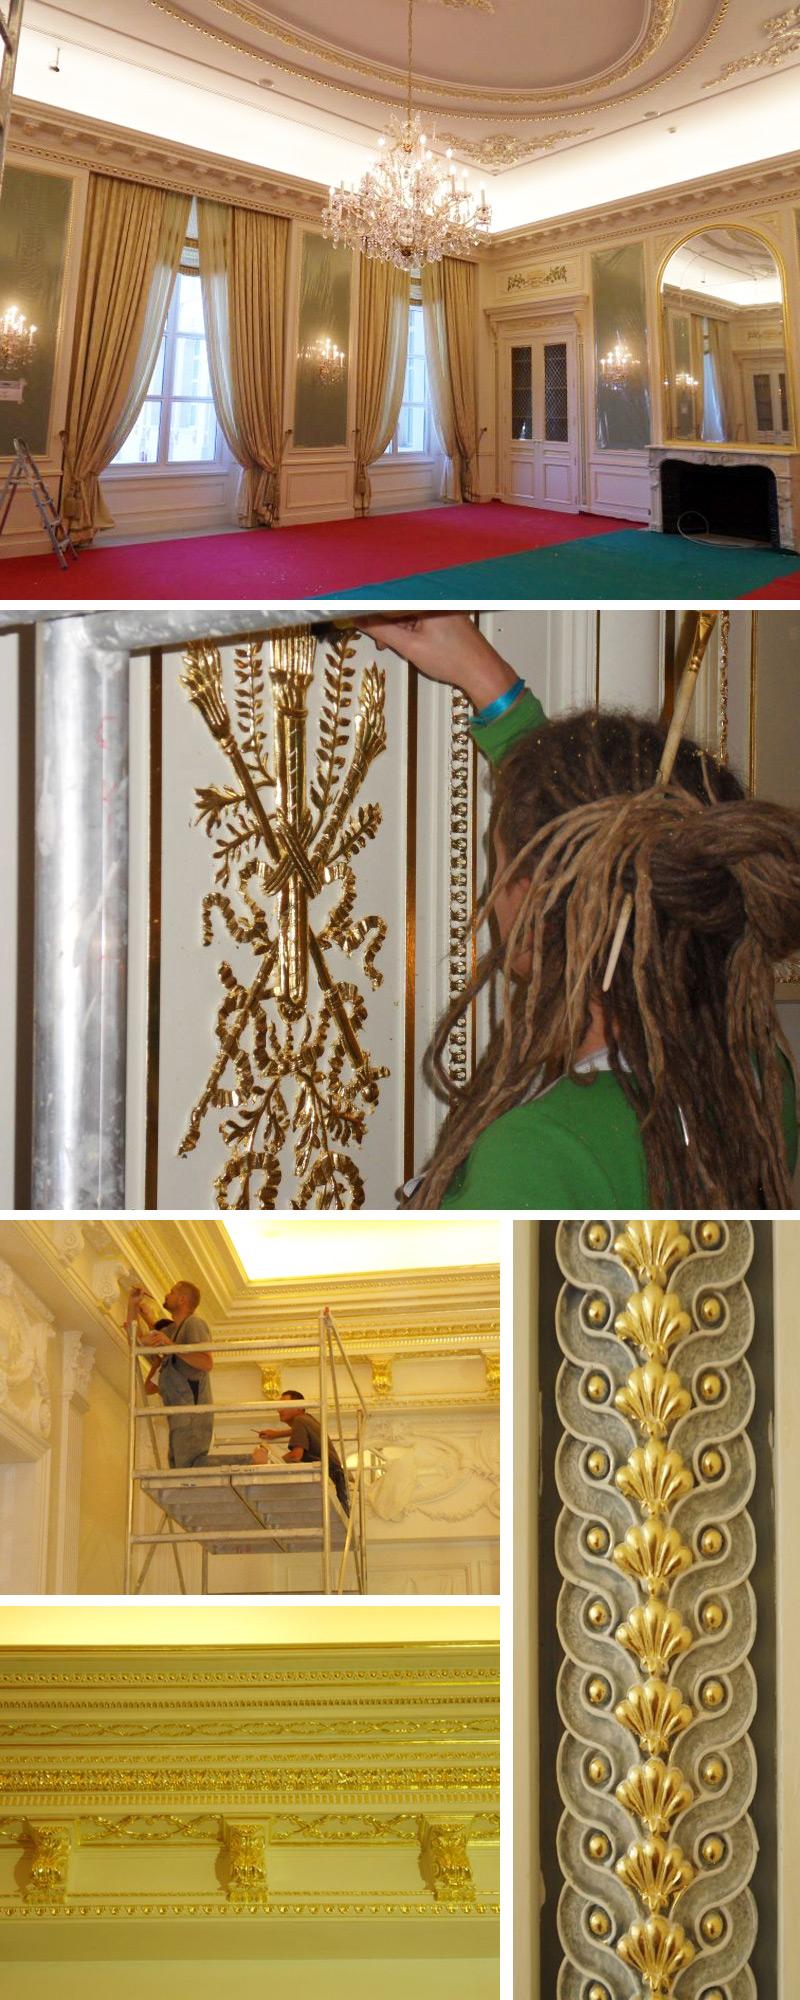 Restaurierung von historischen Räumen